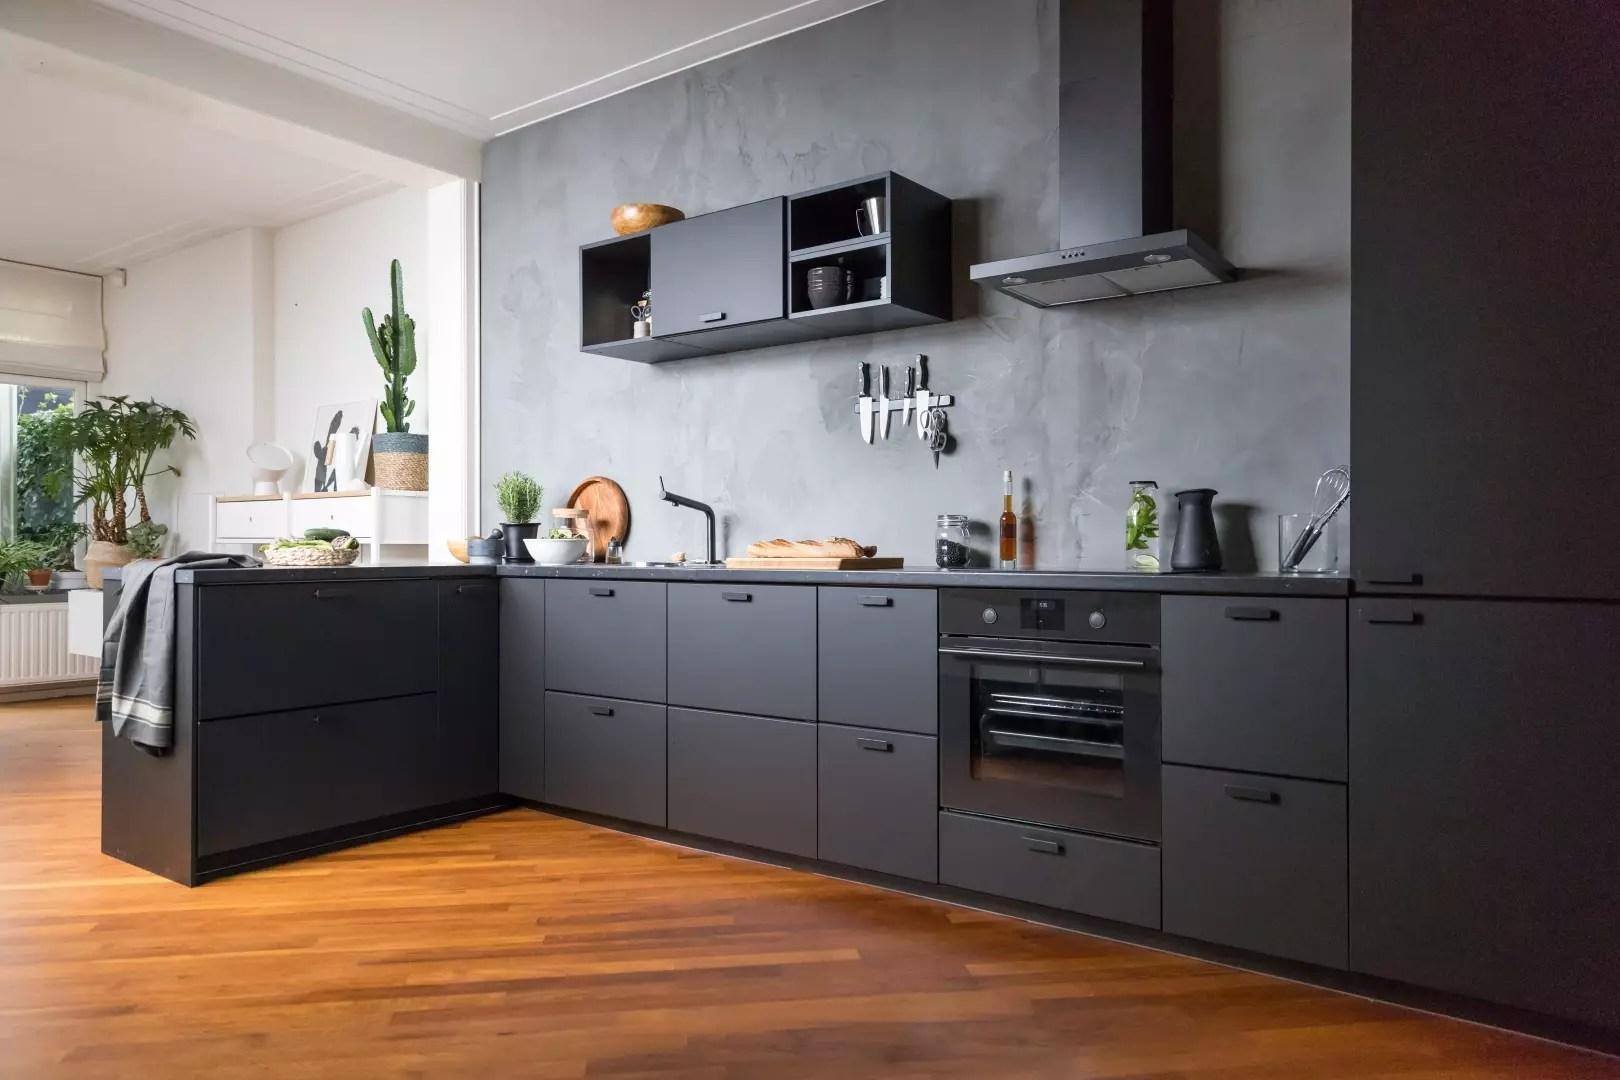 Ikea Klaptafel Tuin.Tuin Inspiratie Zwoele Zomeravonden Met De Ikea Tuin